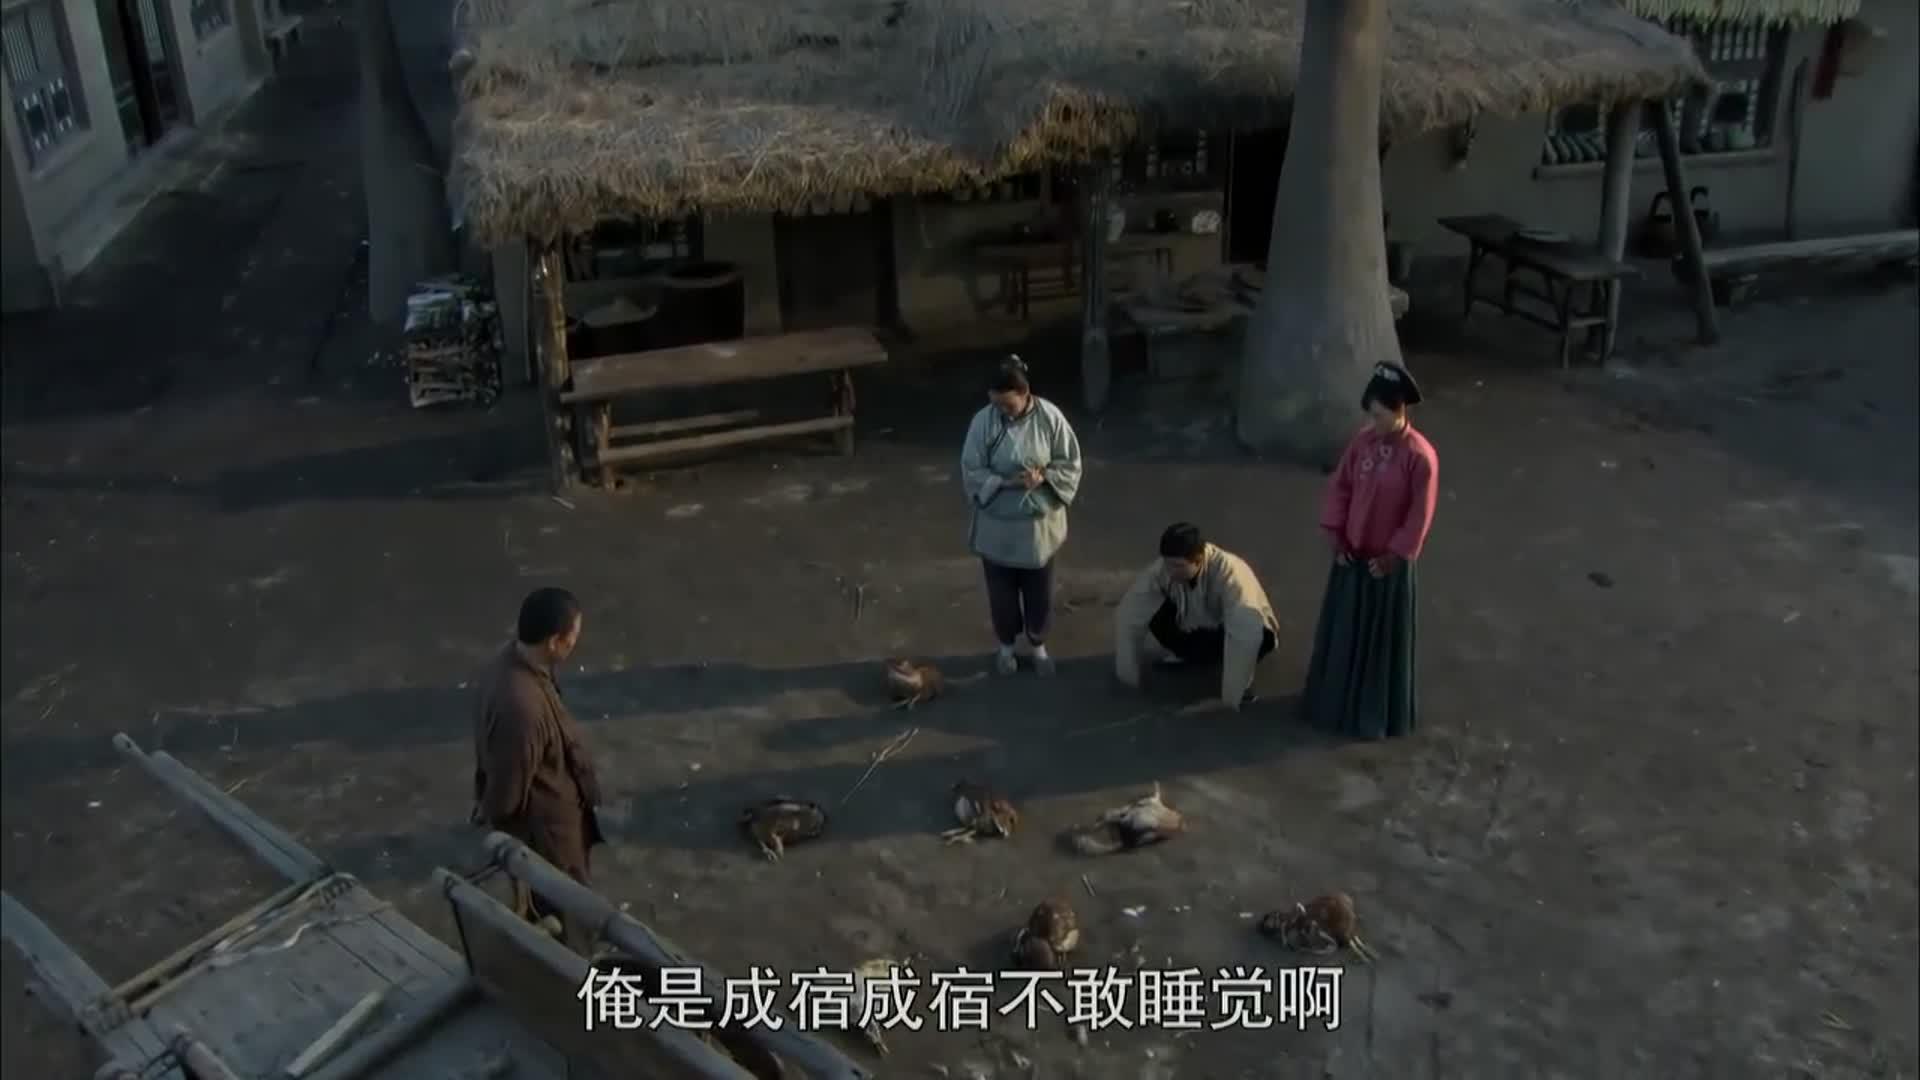 闯关东:韩老海找人,偷偷杀了朱开山家的很多鸡,原因令人吃惊